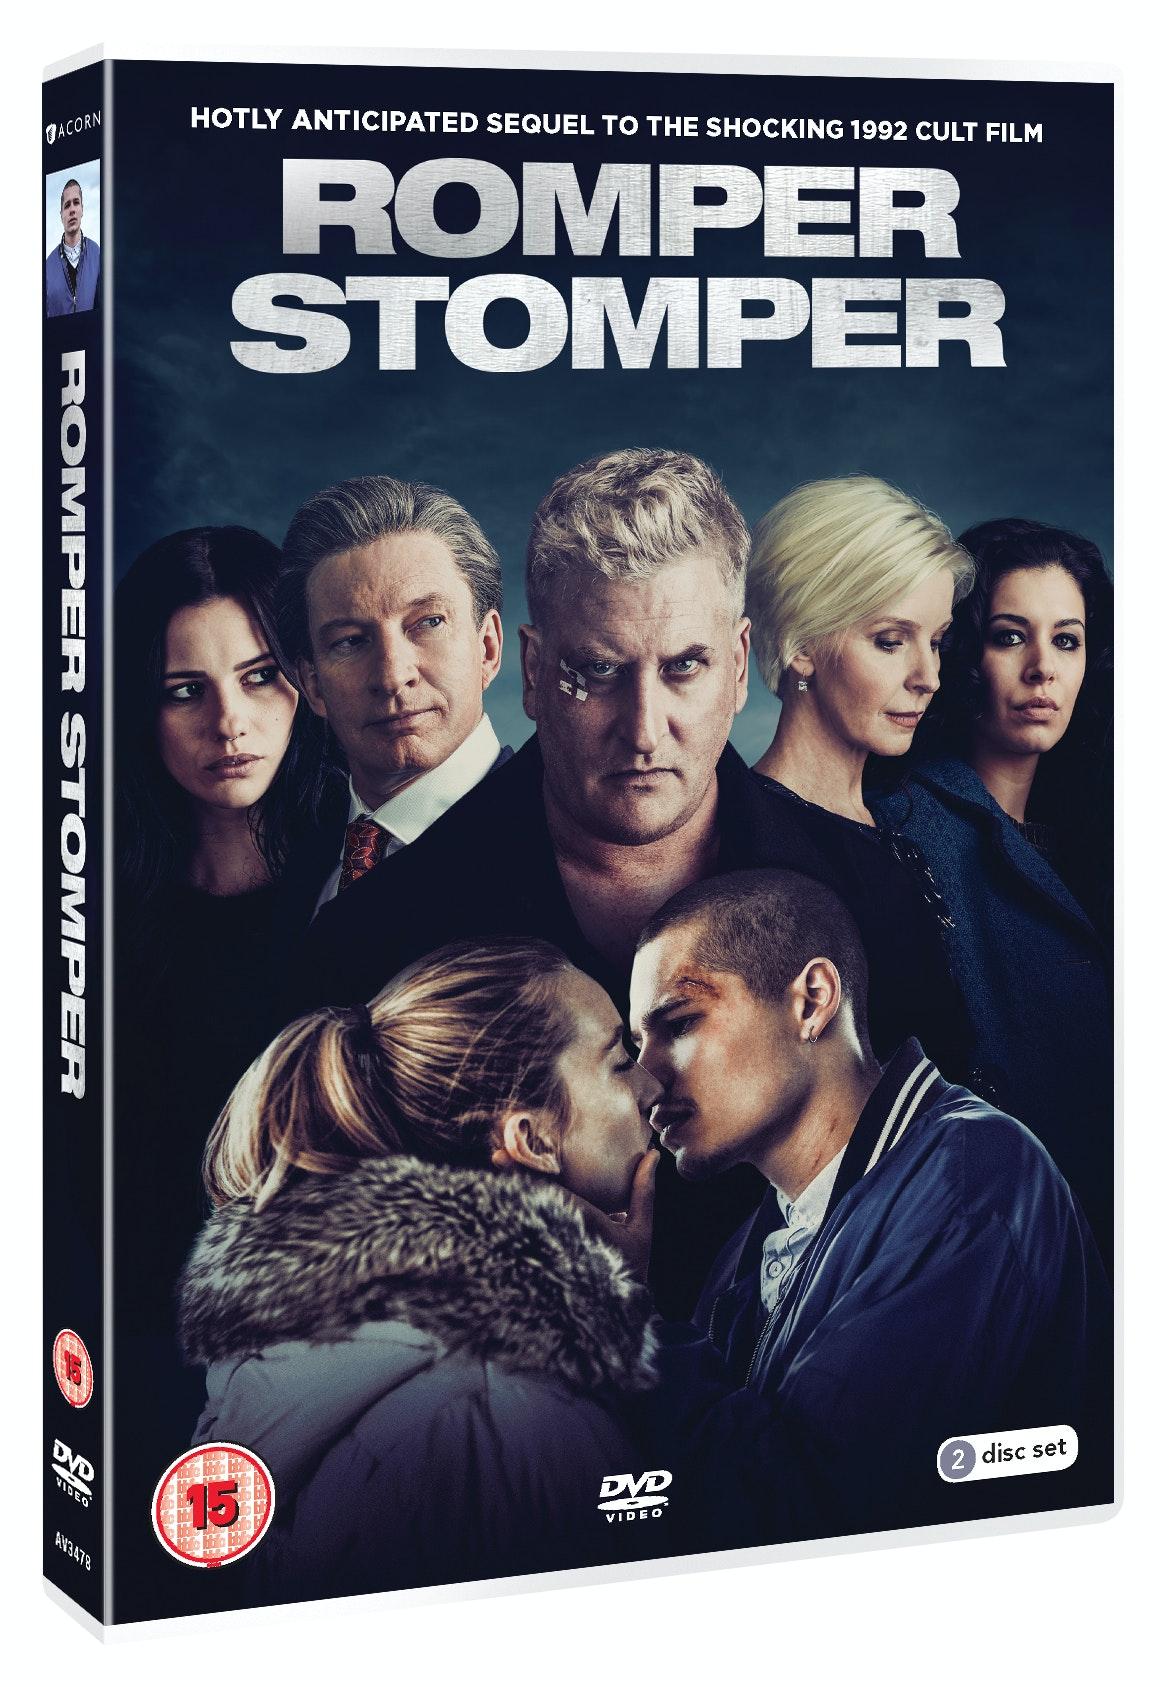 Romperstomper dvd 3d